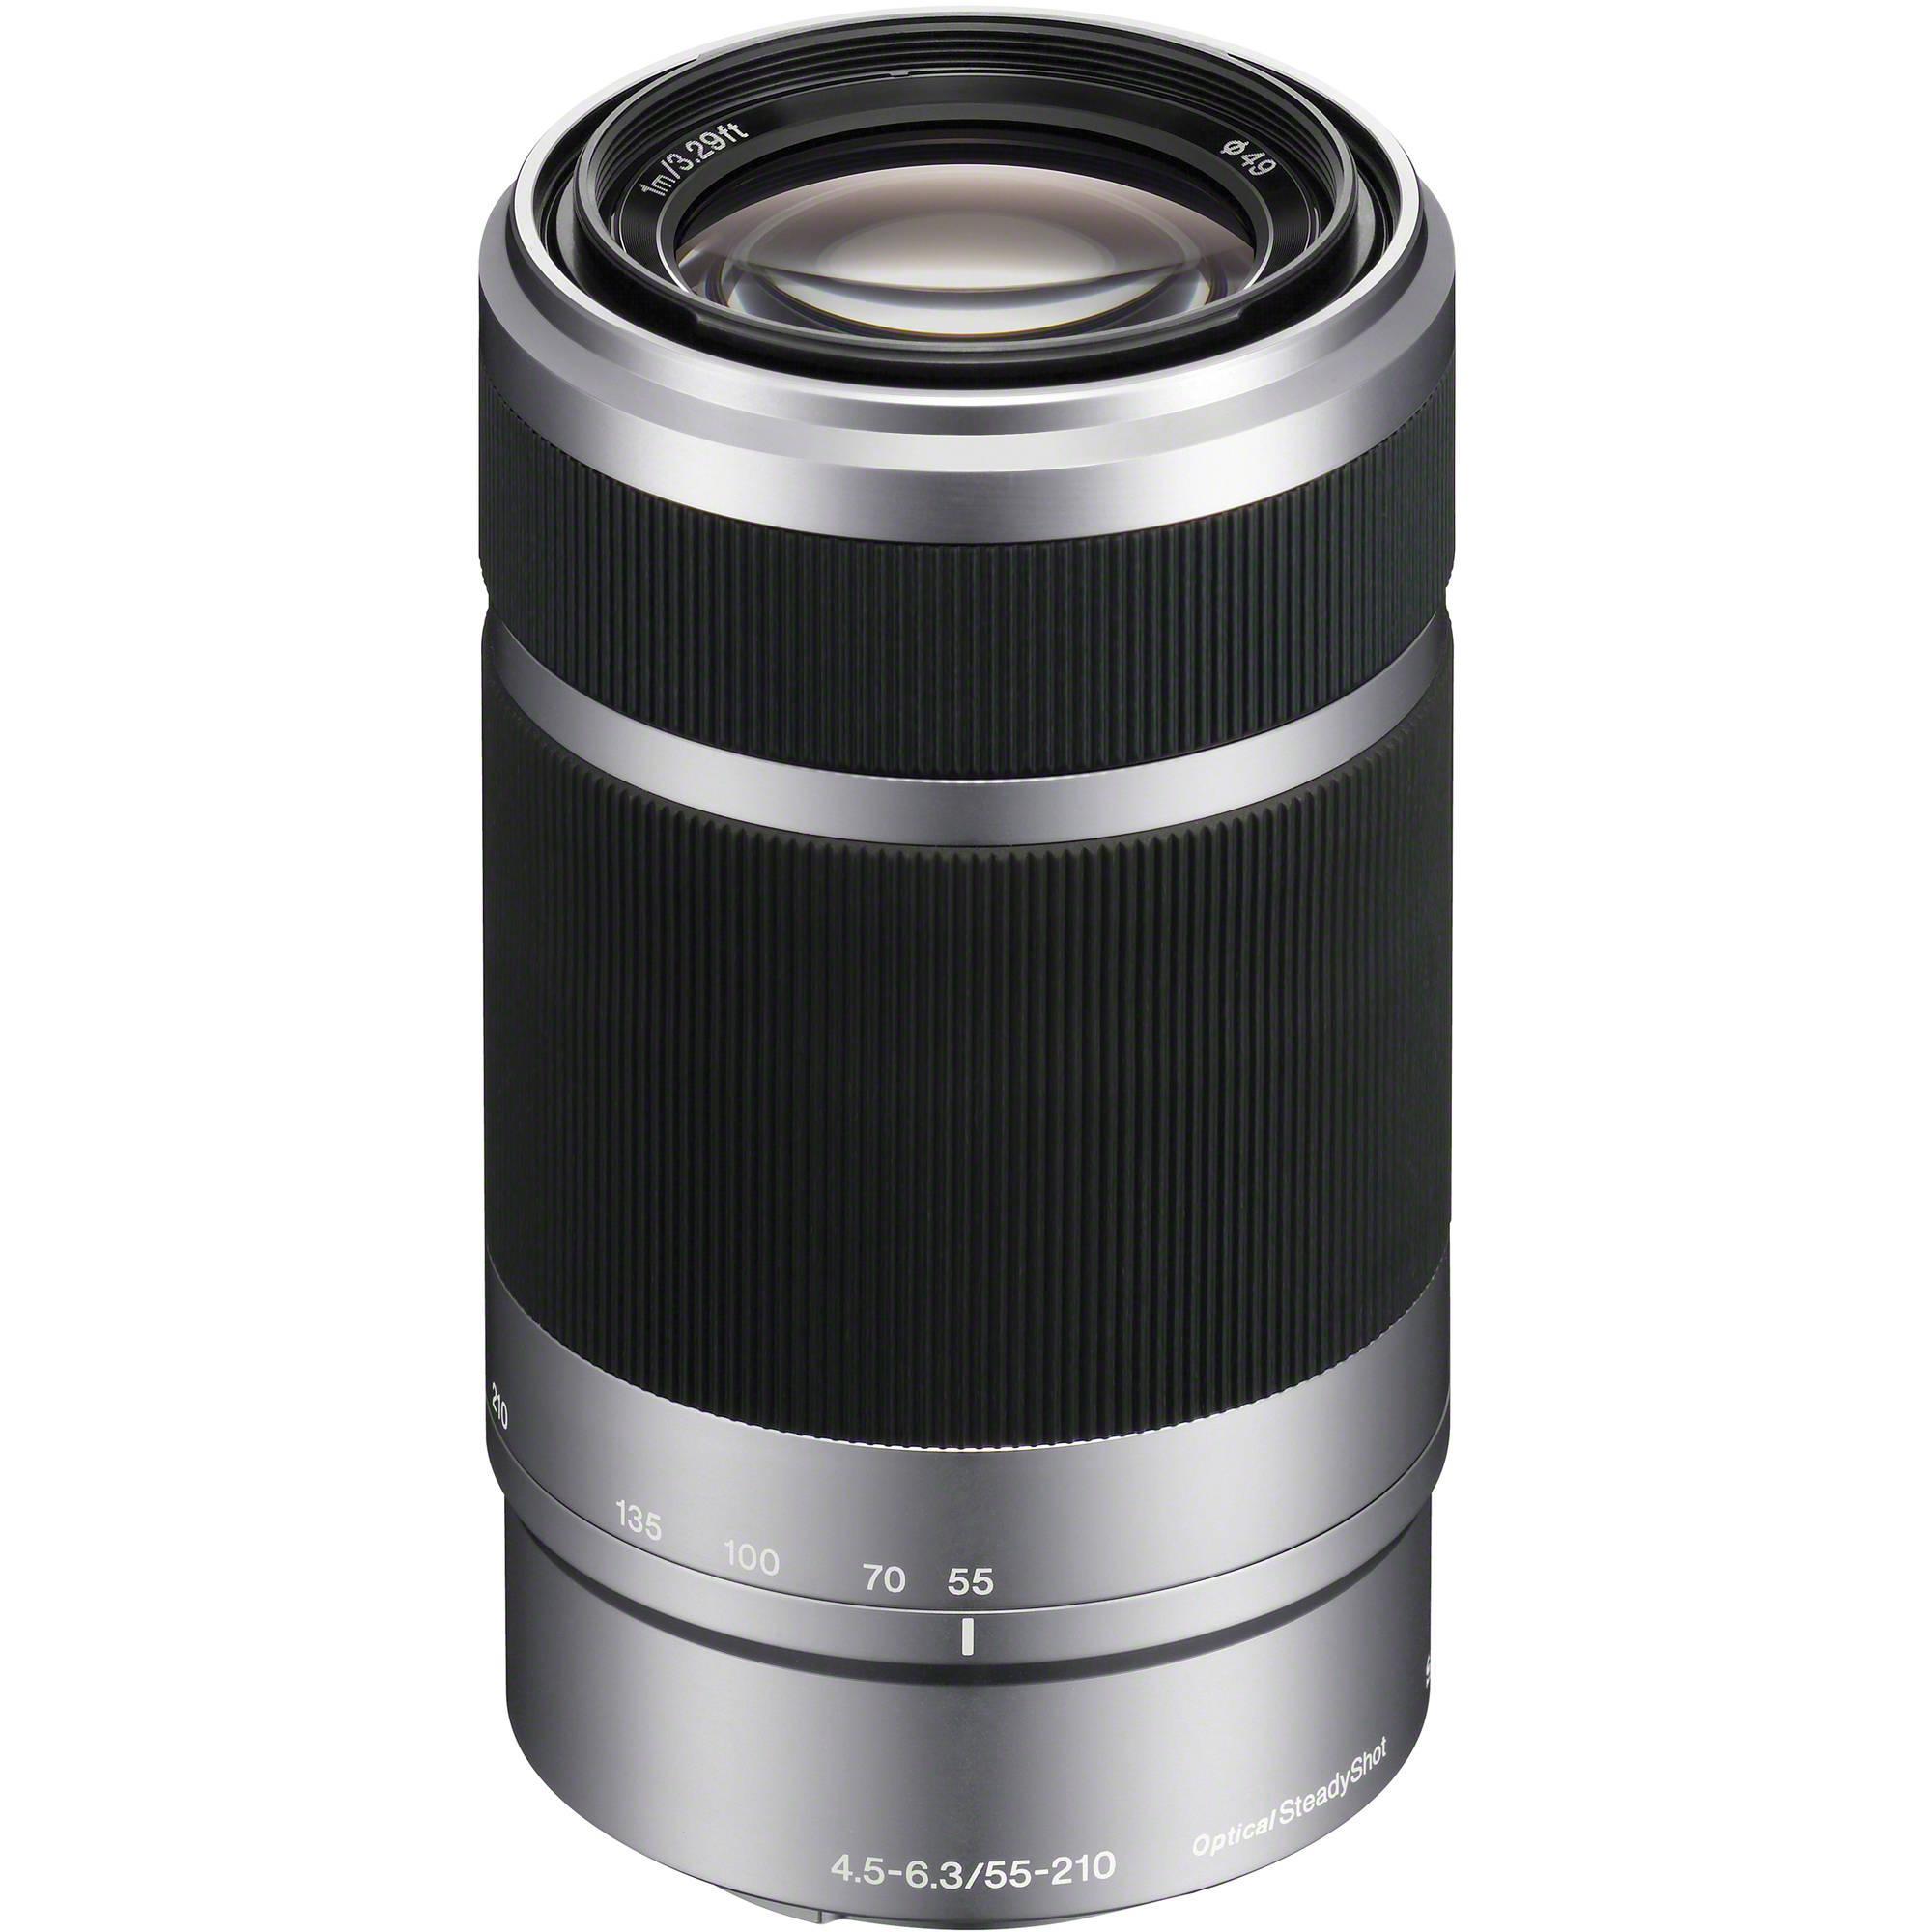 Objectif E 55-210mm f/4.5-6.3